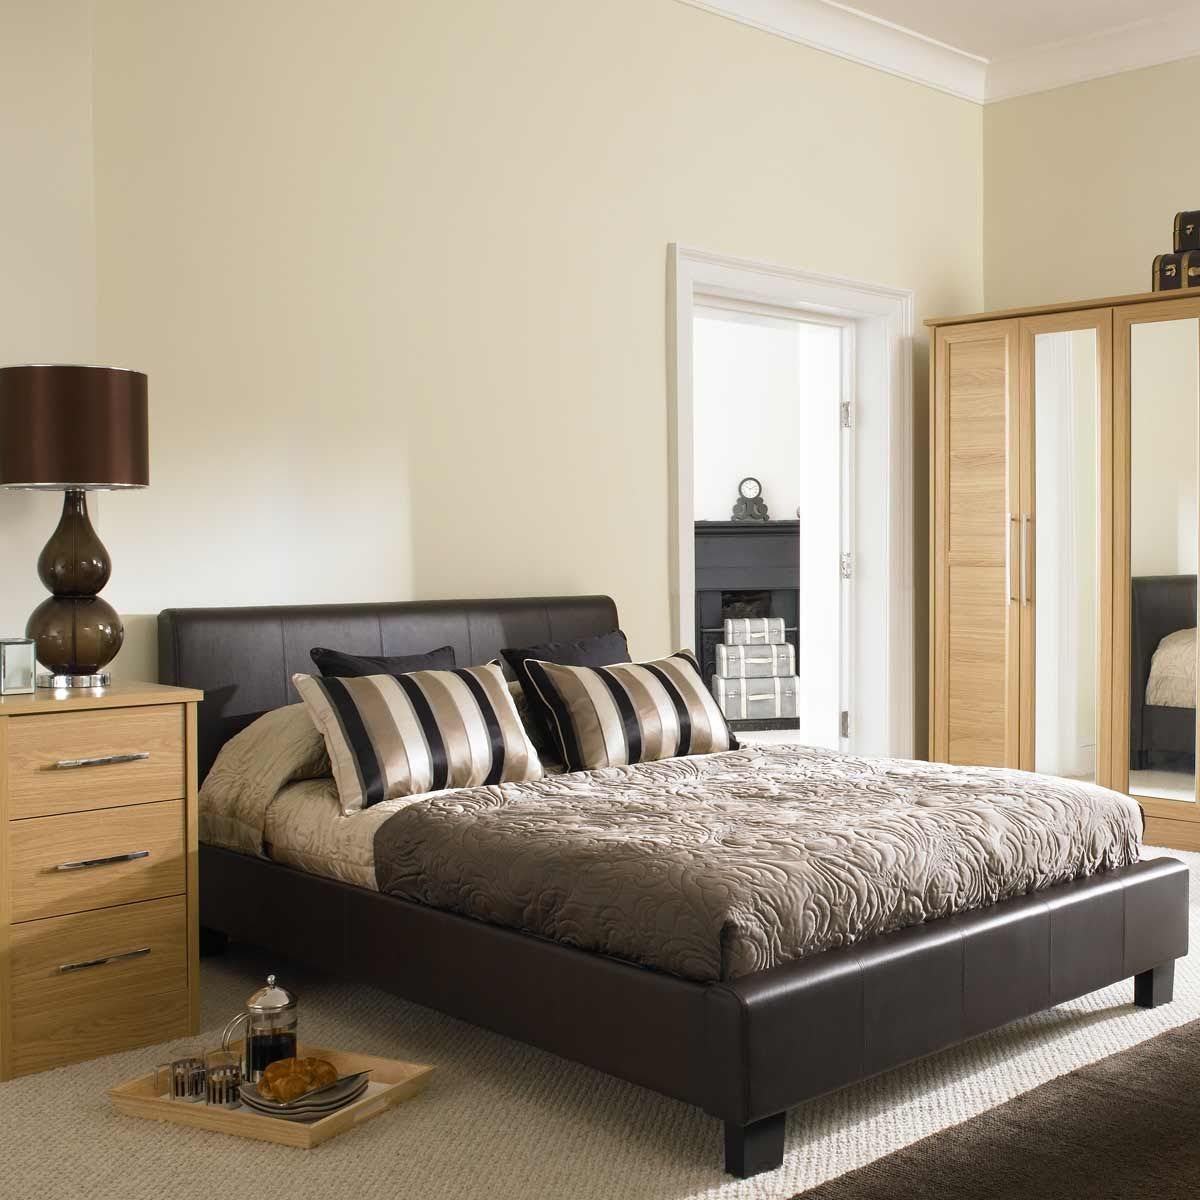 Danish Home Design Ideas: Bedroom,Smart Smooth Leather Bed Frame Design Inspiration